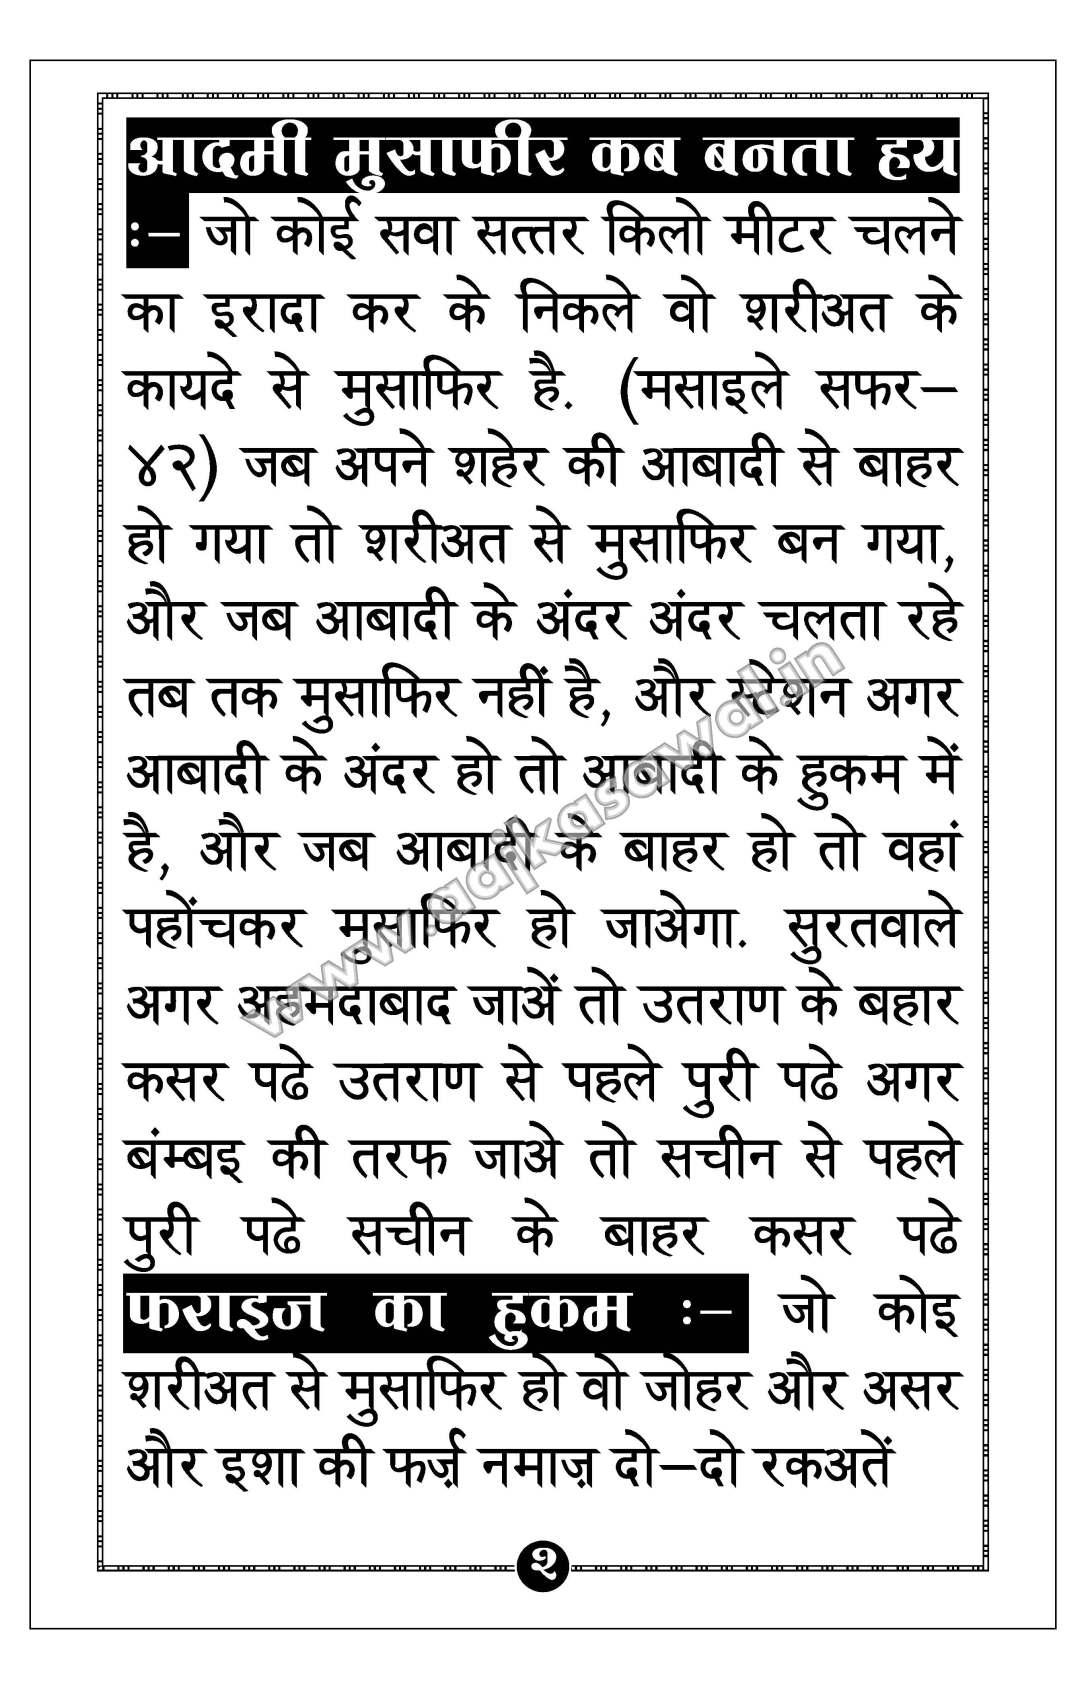 musafir-ki-namaz-hindi_Page_2